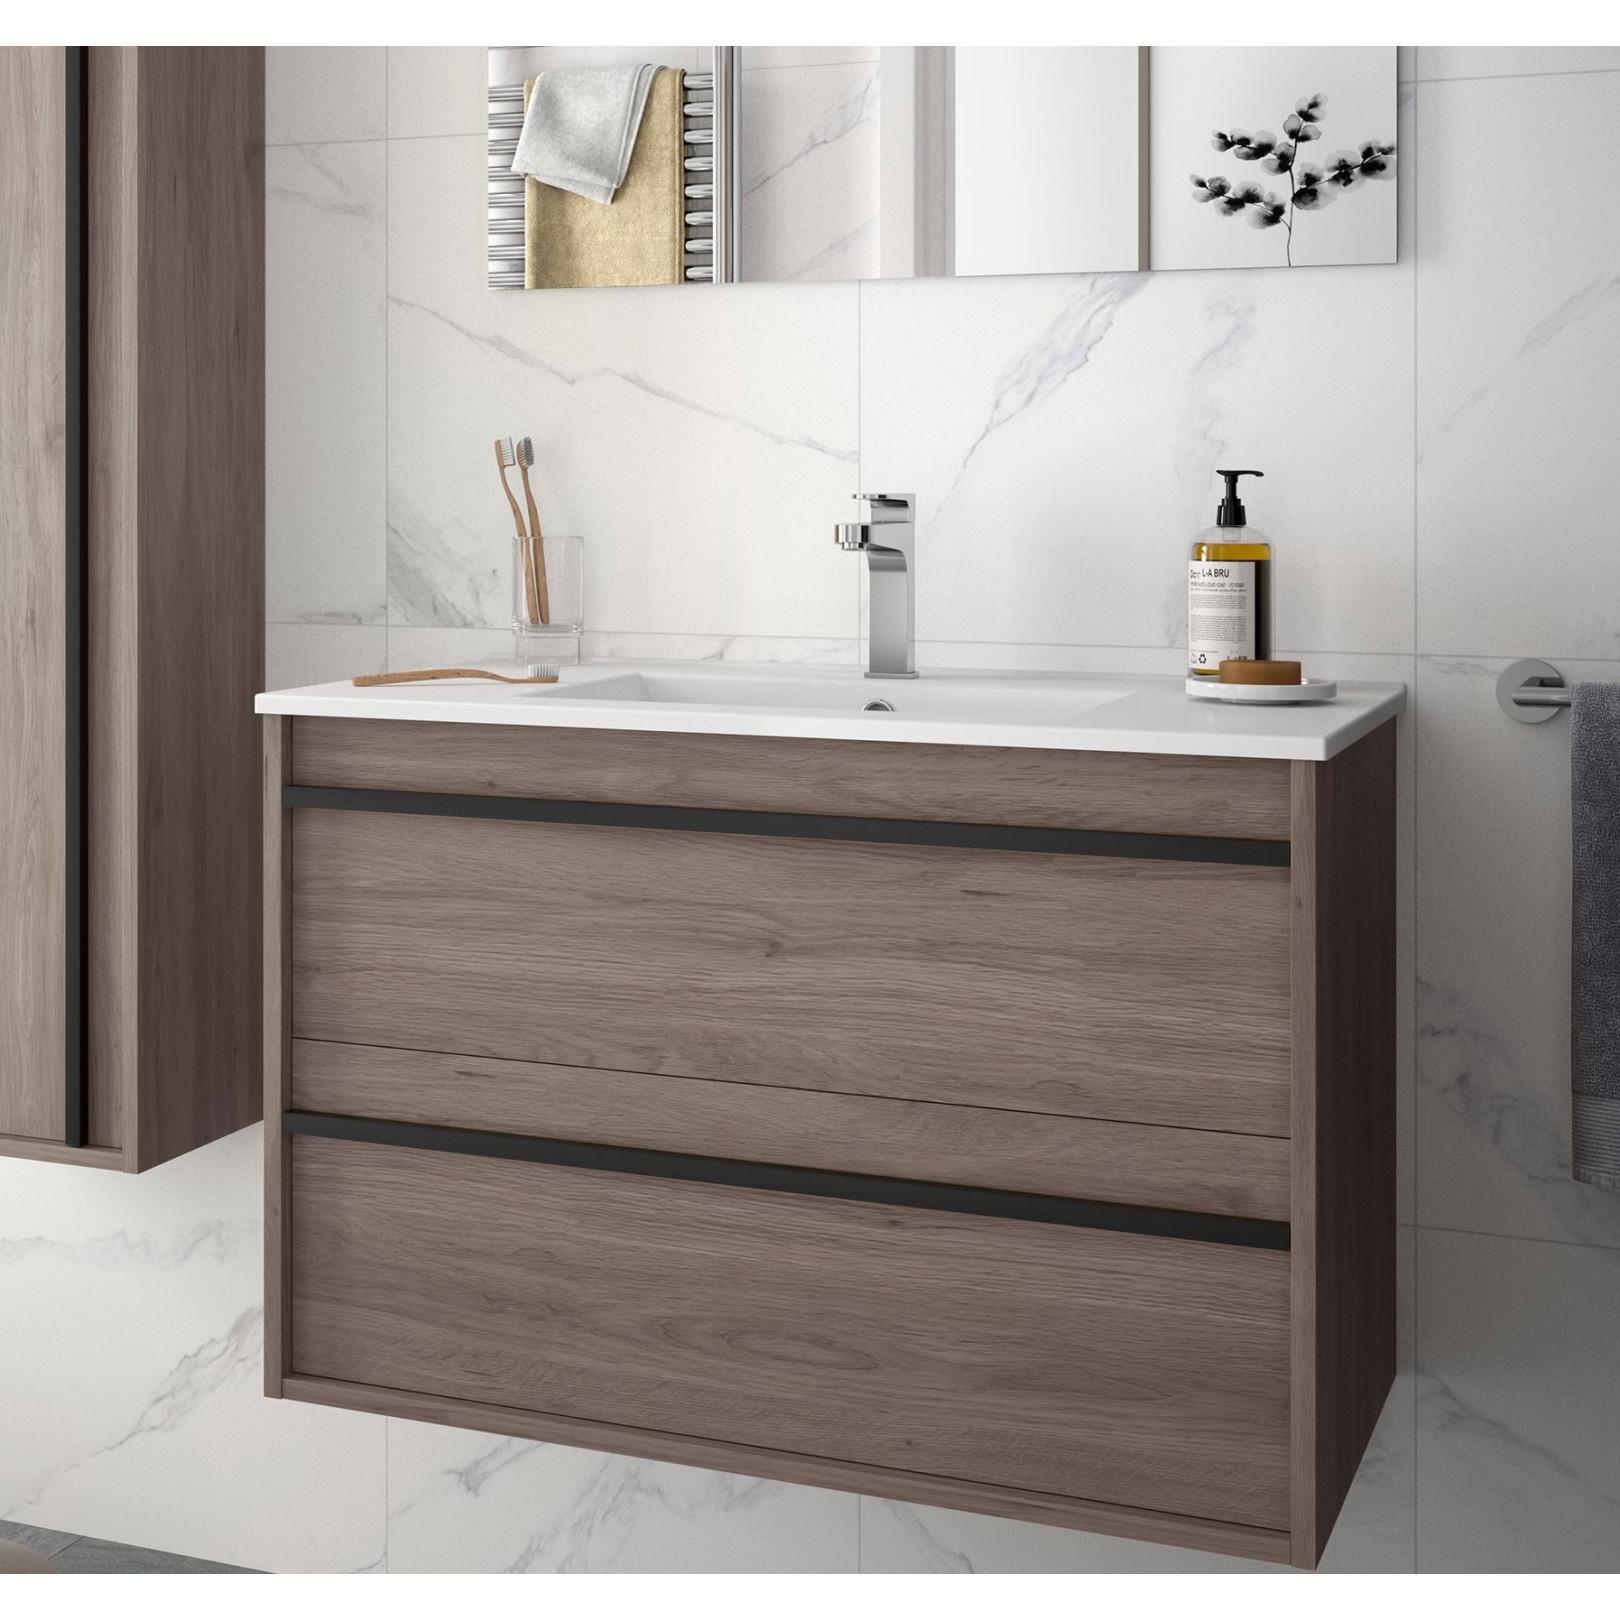 Meuble bain suspendu Attila 800 stratifié bois ou laqué avec plan vasque céramique